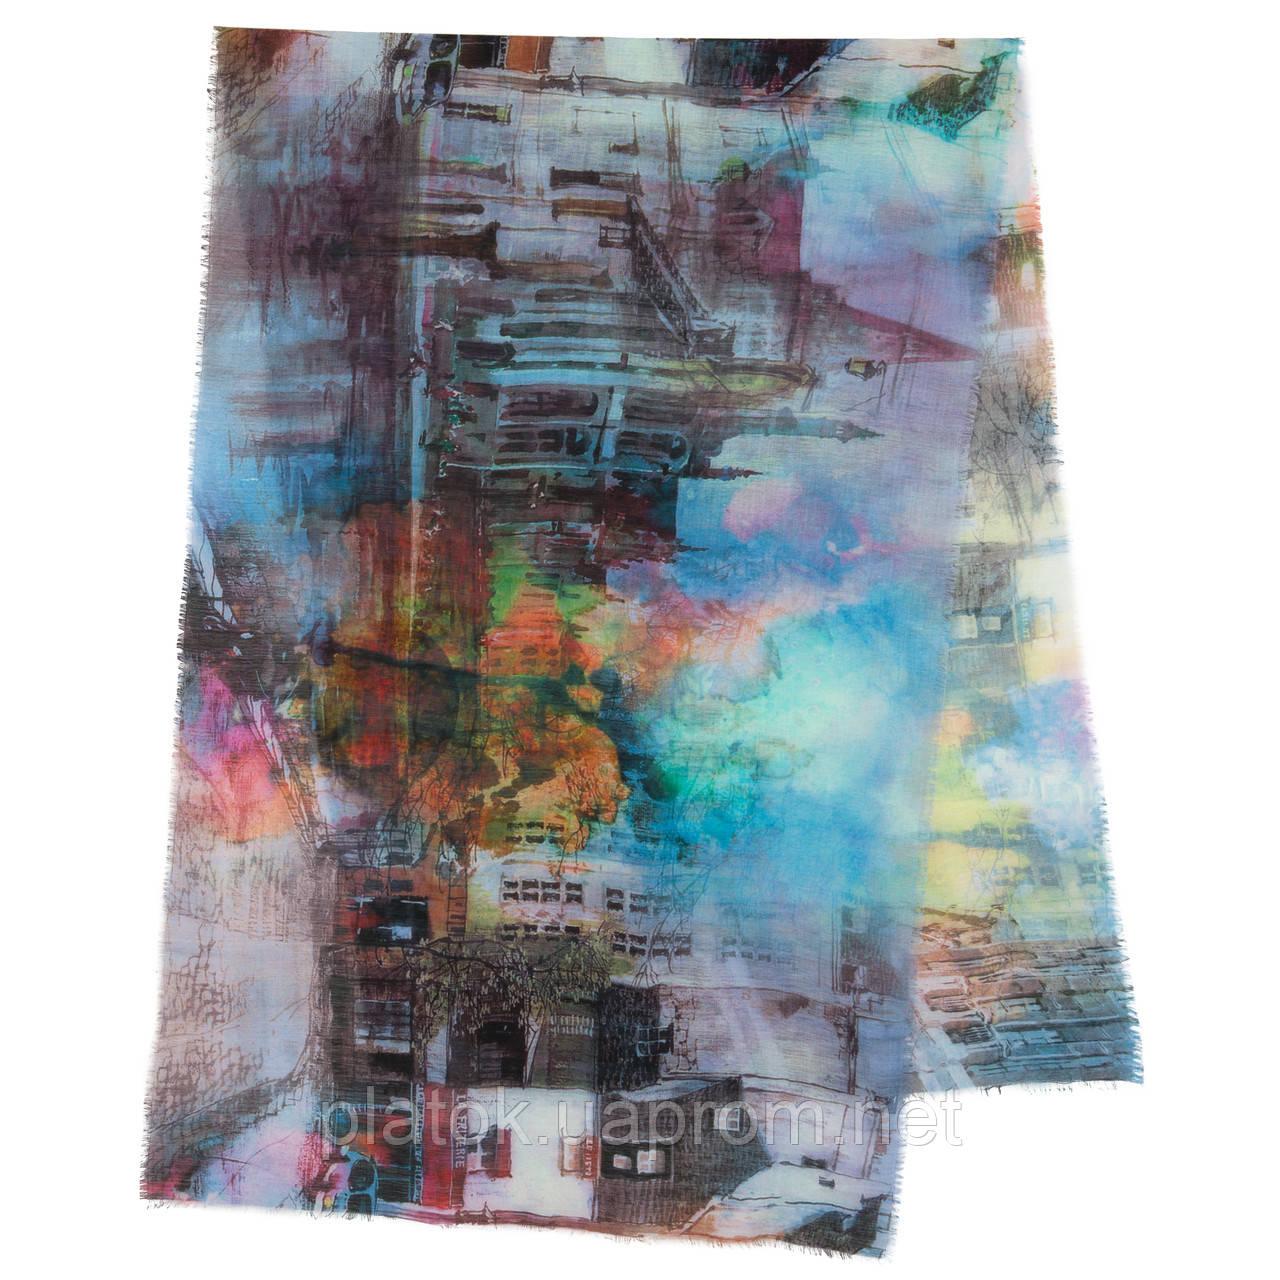 Палантин шерстяной 10168-13, павлопосадский шарф-палантин шерстяной (разреженная шерсть) с осыпкой